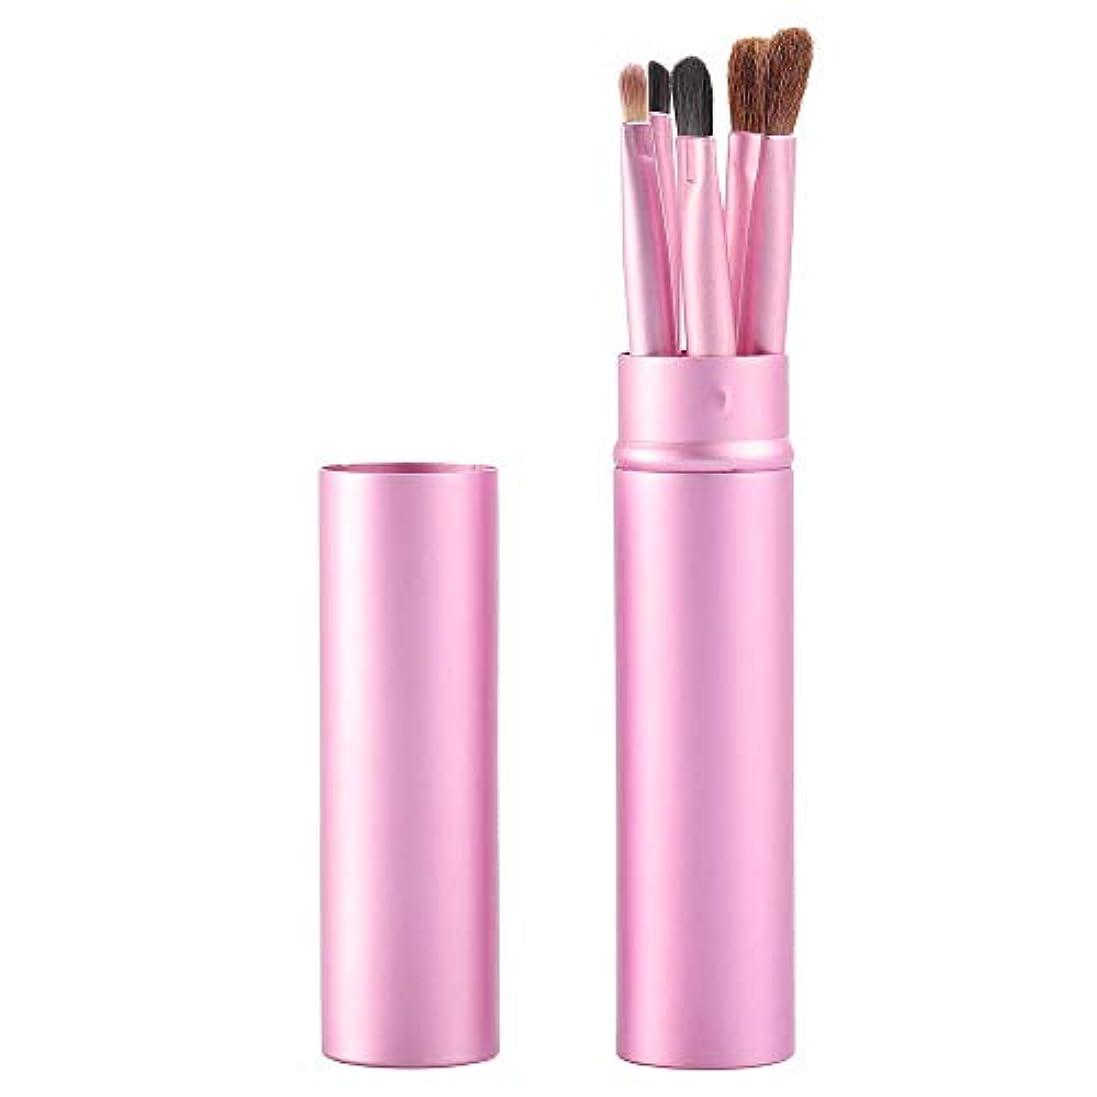 おんどりカリング先例化粧ブラシ ドゥケア 化粧筆 高級天然毛 アイシャドウブラシ 携帯5点セット化粧ブラシホルダー (ピンク)